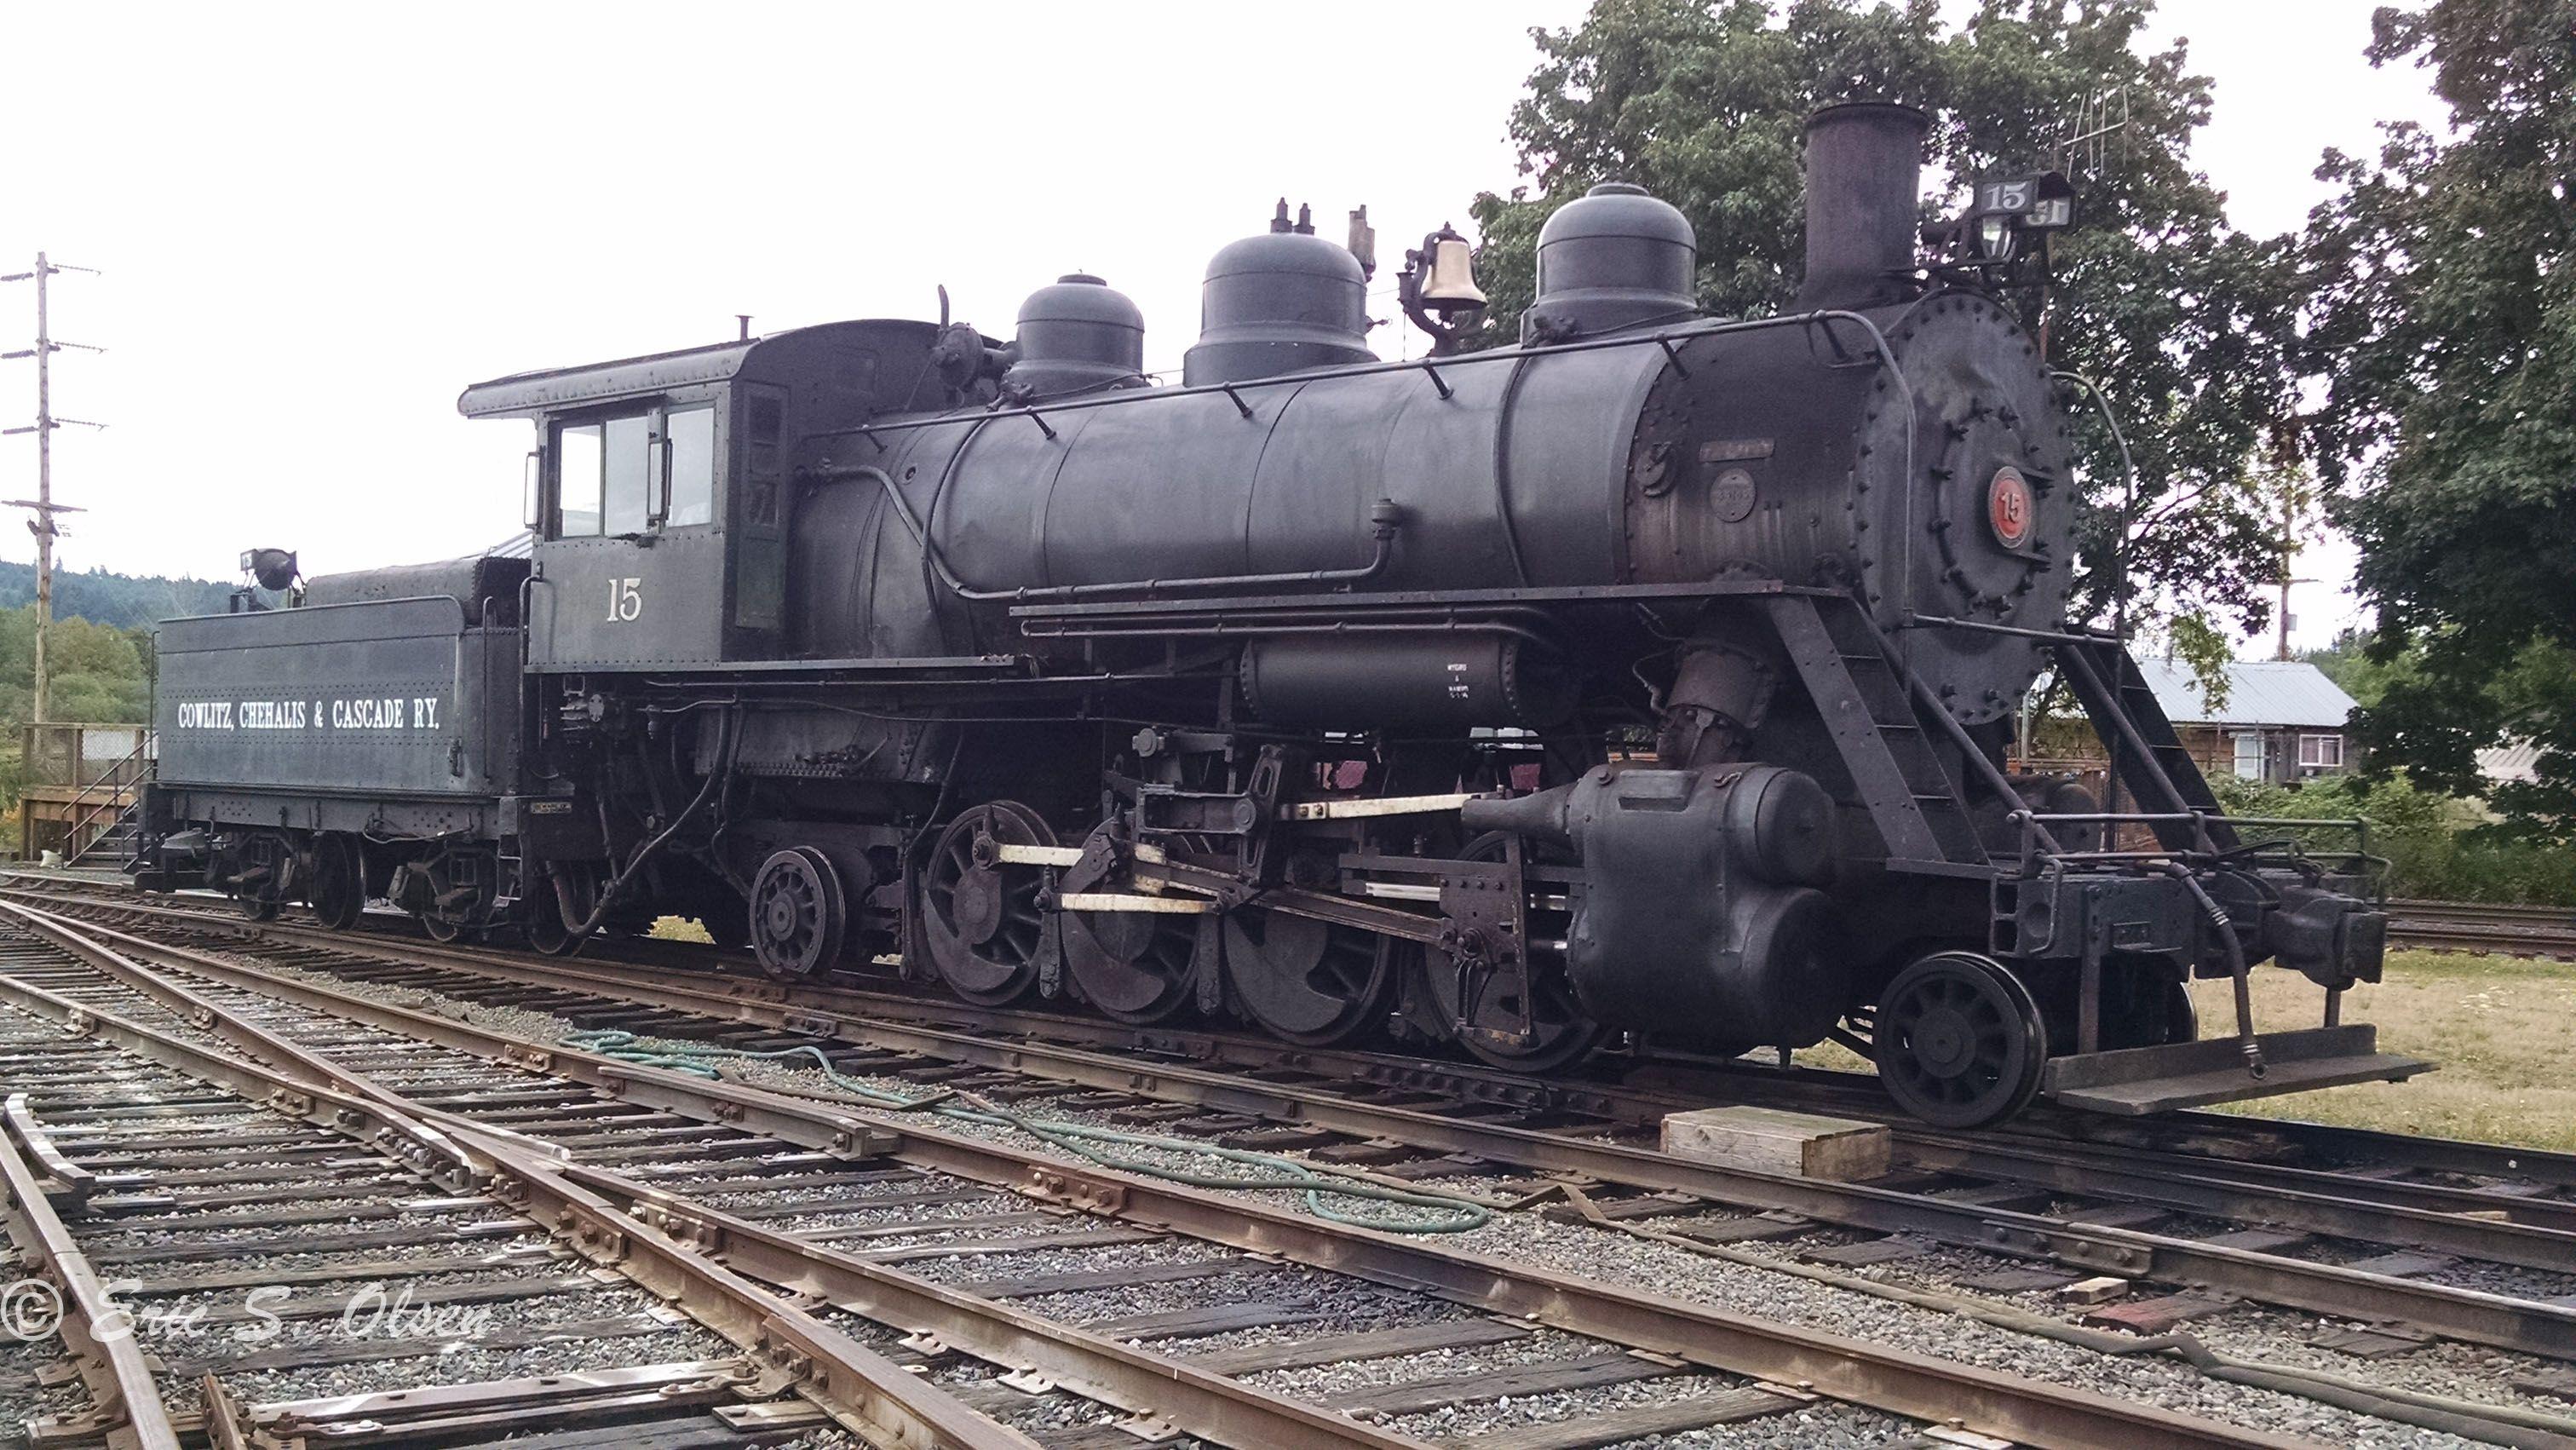 Cowlitz, Chehalis & Cascade RR 15 Baldwin 4406 built in